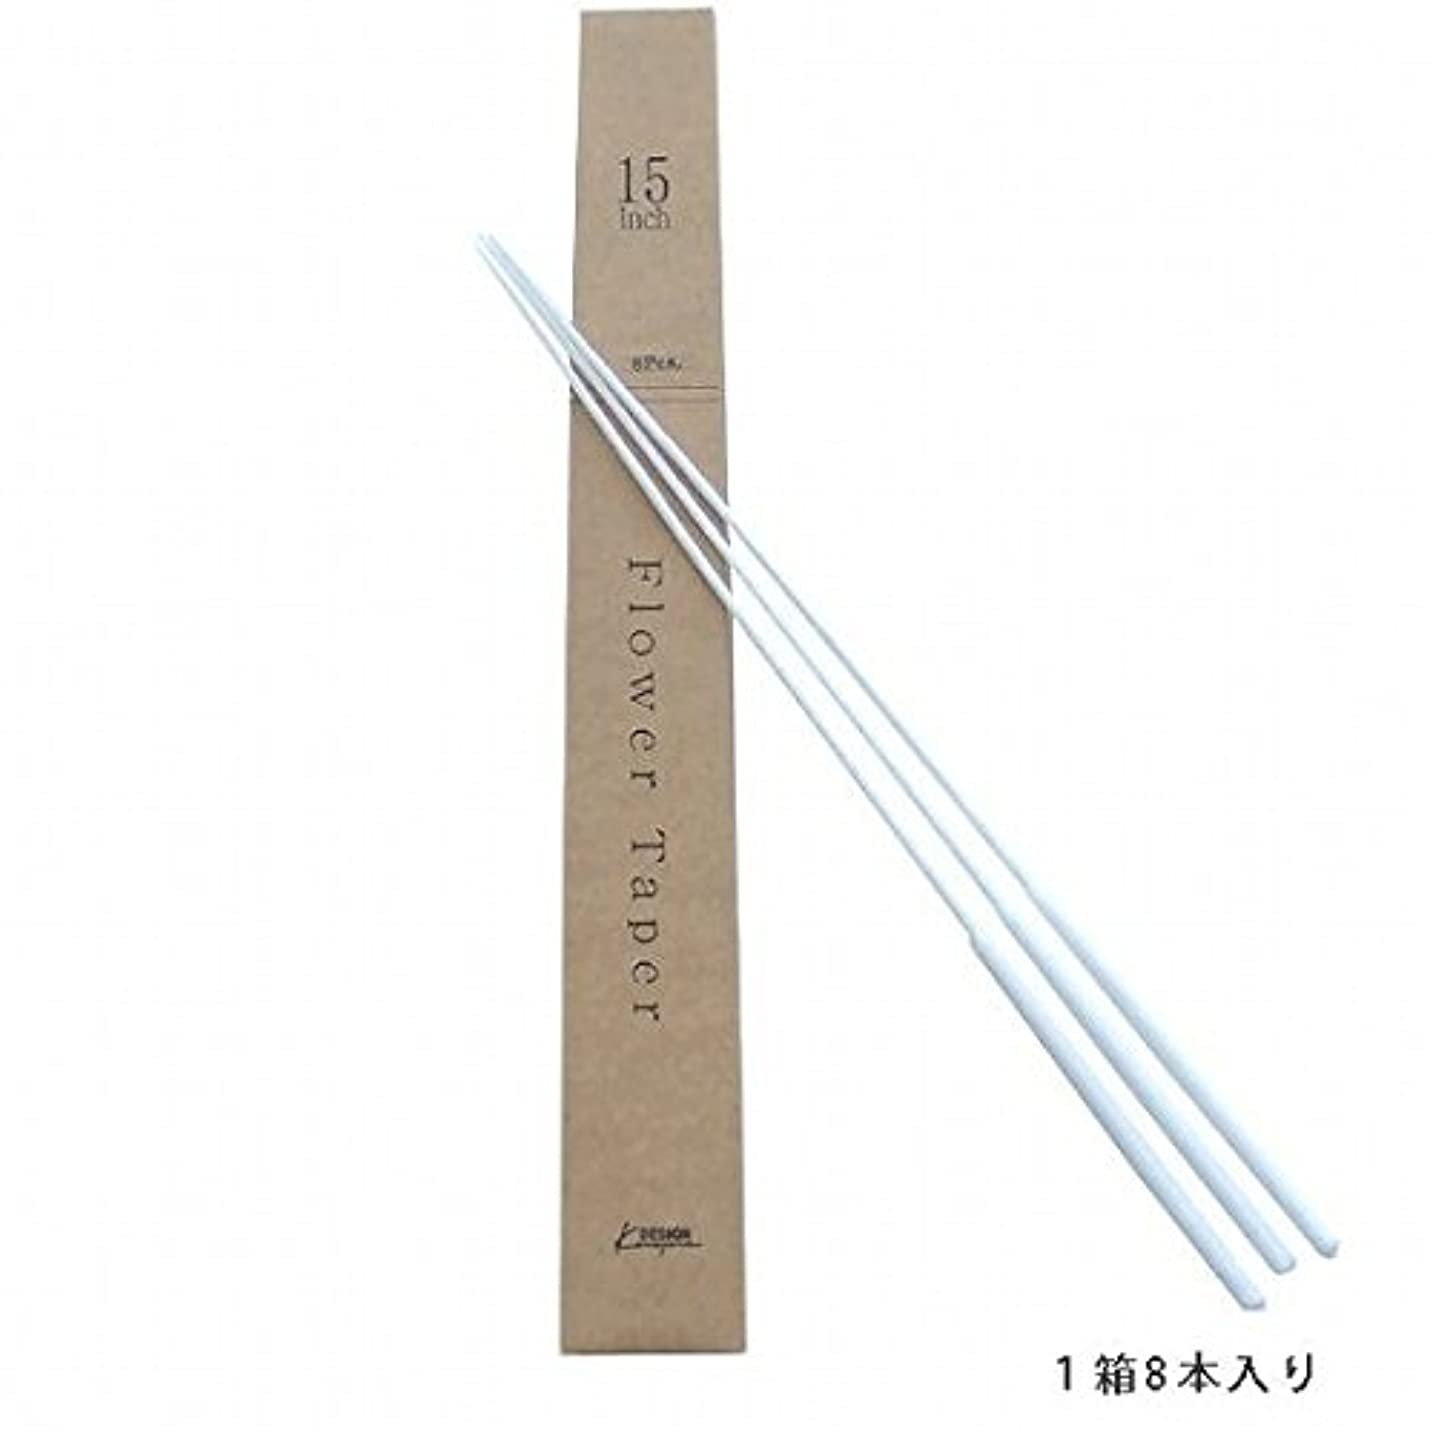 今まで先のことを考えるジョットディボンドンkameyama candle(カメヤマキャンドル) 15インチトーチ用フラワーテーパー 8本入 「 ホワイト 」(71839998W)